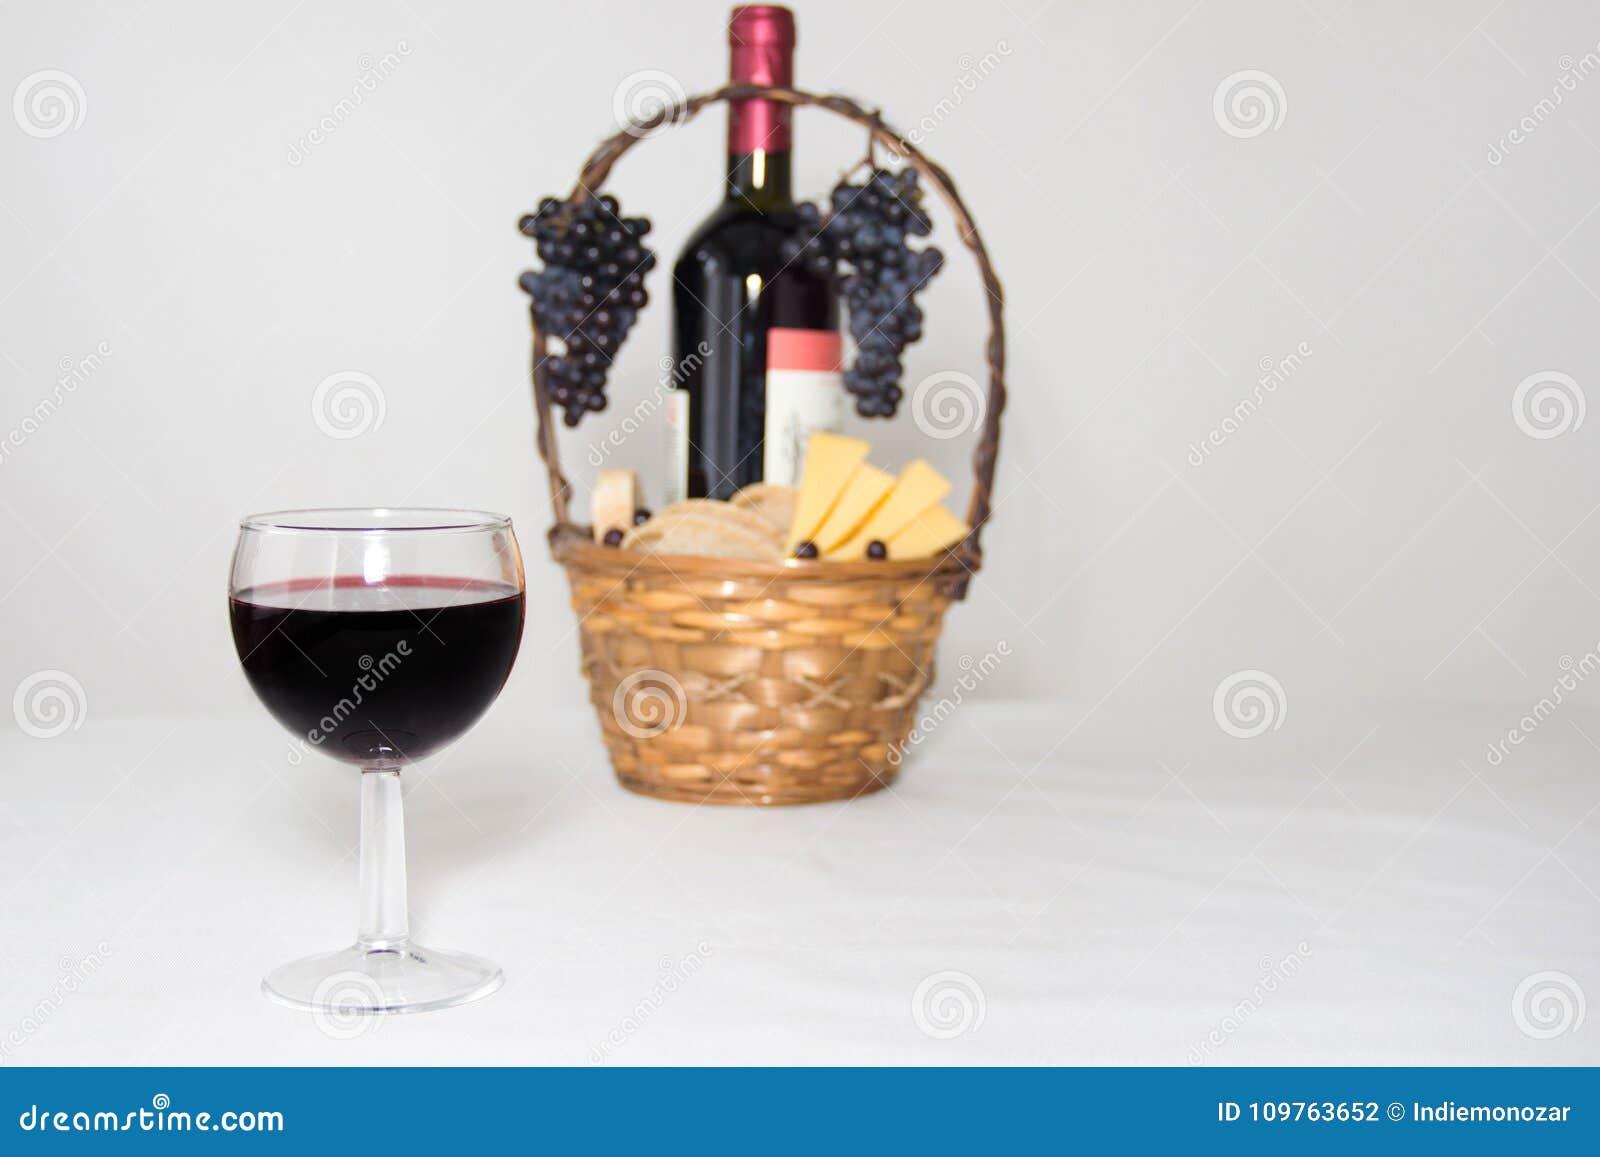 Abstract beeld van een glas wijn Een fles van rode wijn, druiven en picknickmand met kaasplakken op witte achtergrond